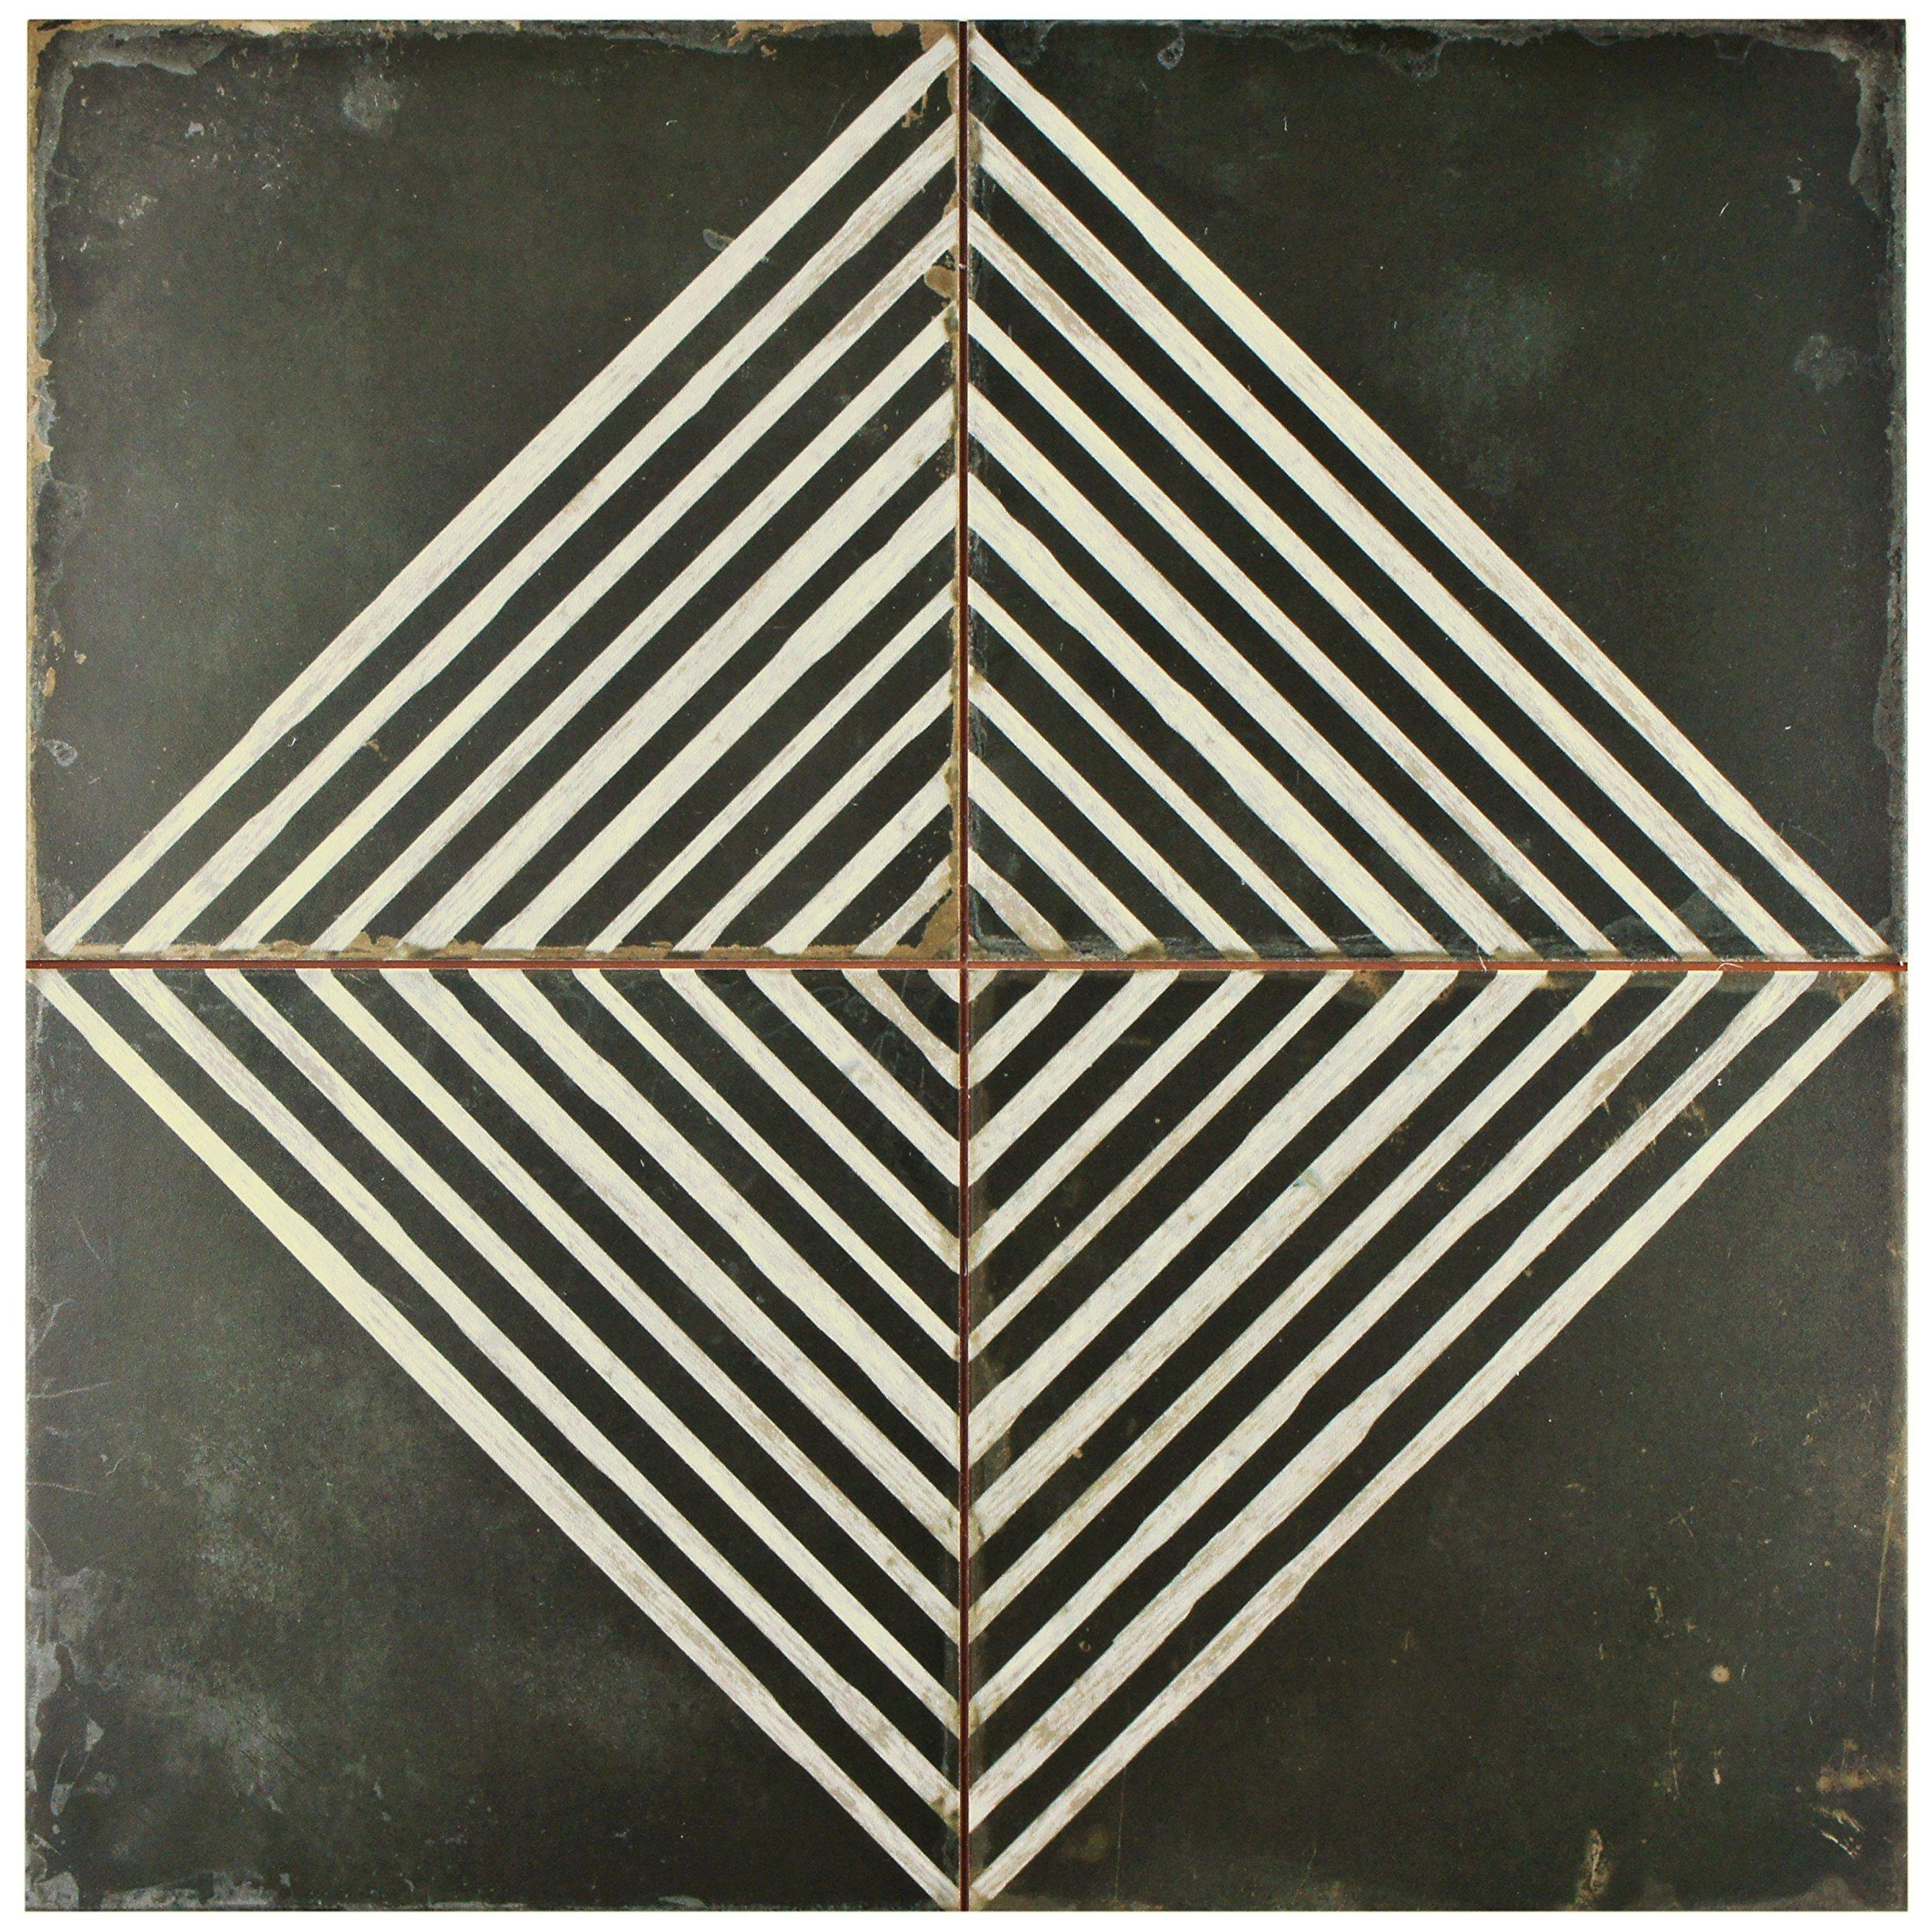 SomerTile FPEKROMB Reyes Ceramic Floor and Wall Tile, 17.75'' x 17.75'', Black/White